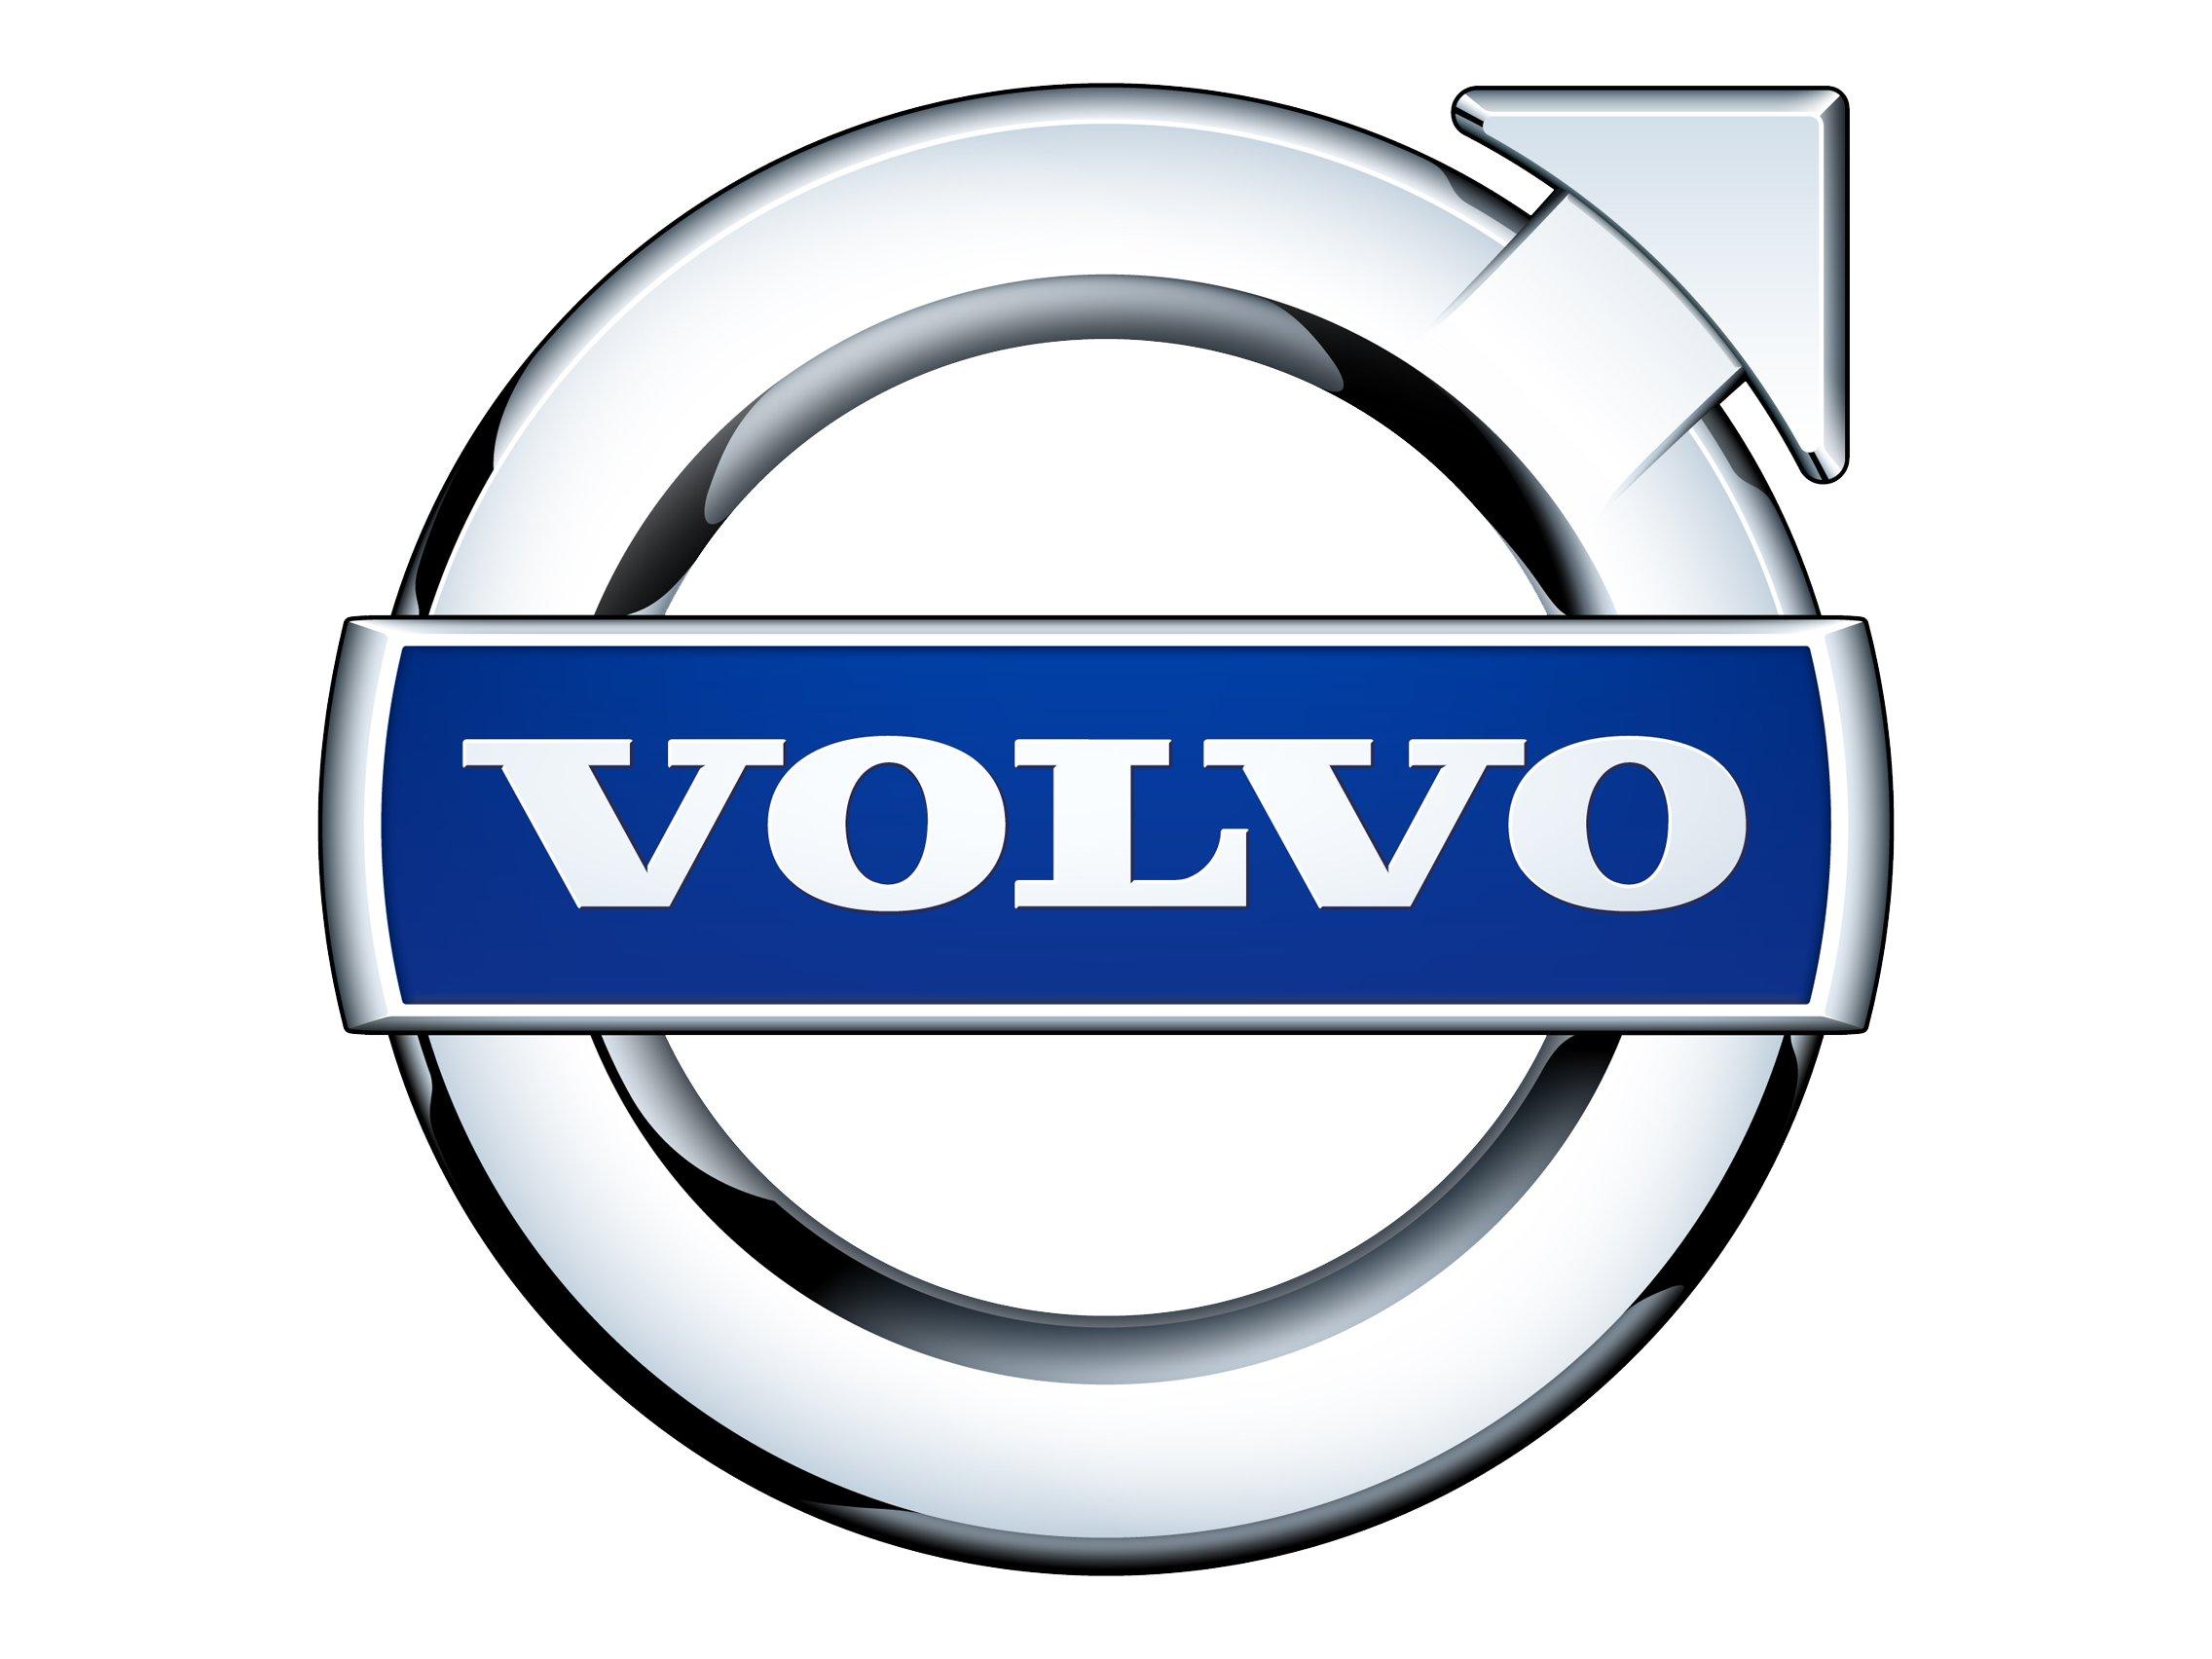 VolvoSklep.pl - Sklep Volvo Domena .pl